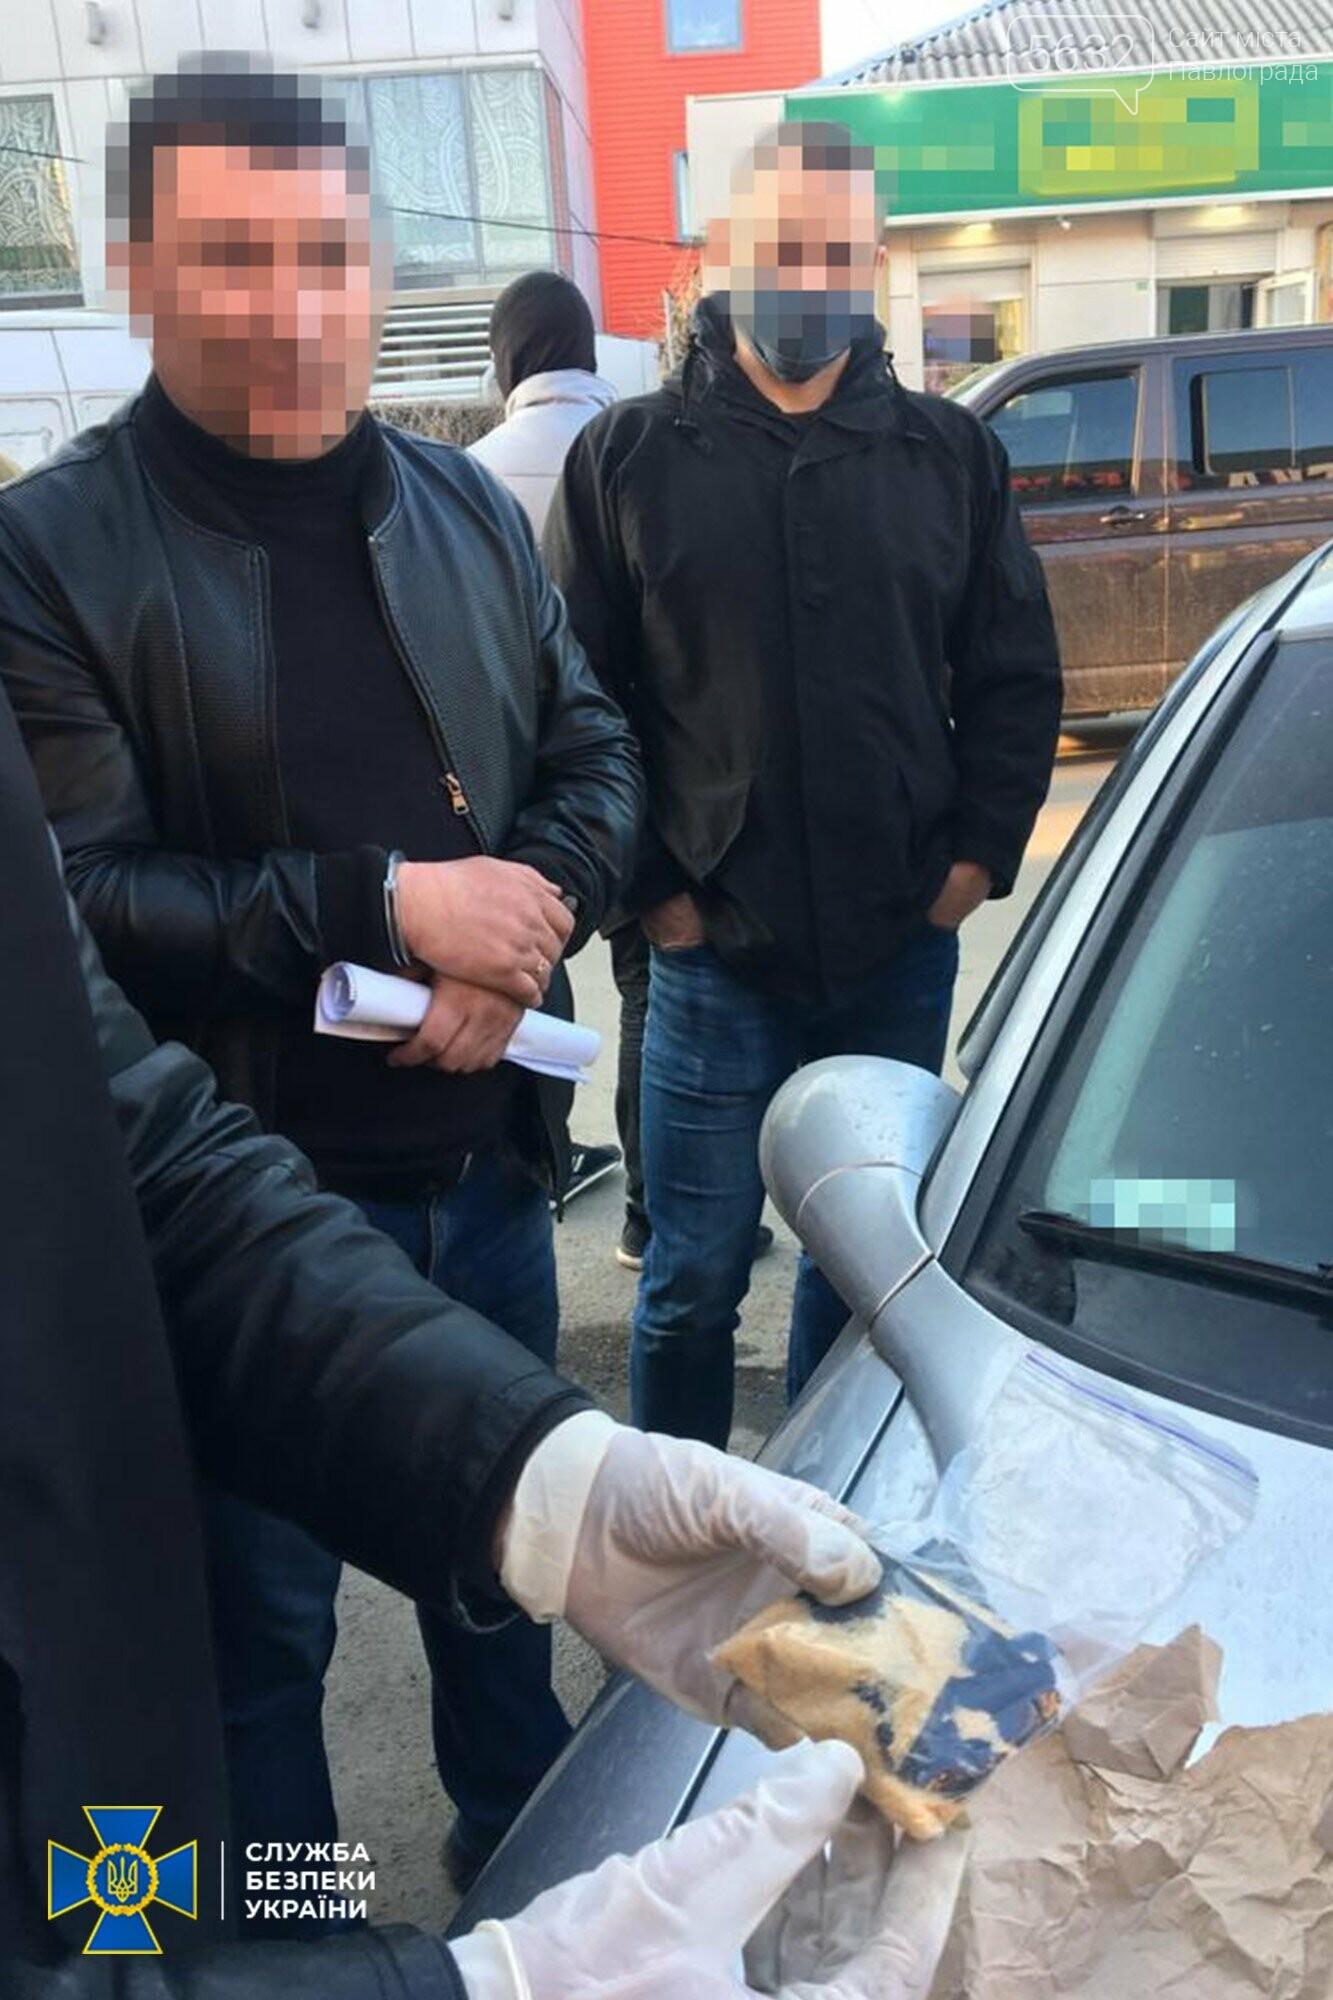 В Павлограде сотрудники СБУ разоблачили полицейских, которые продавали наркотики, фото-4